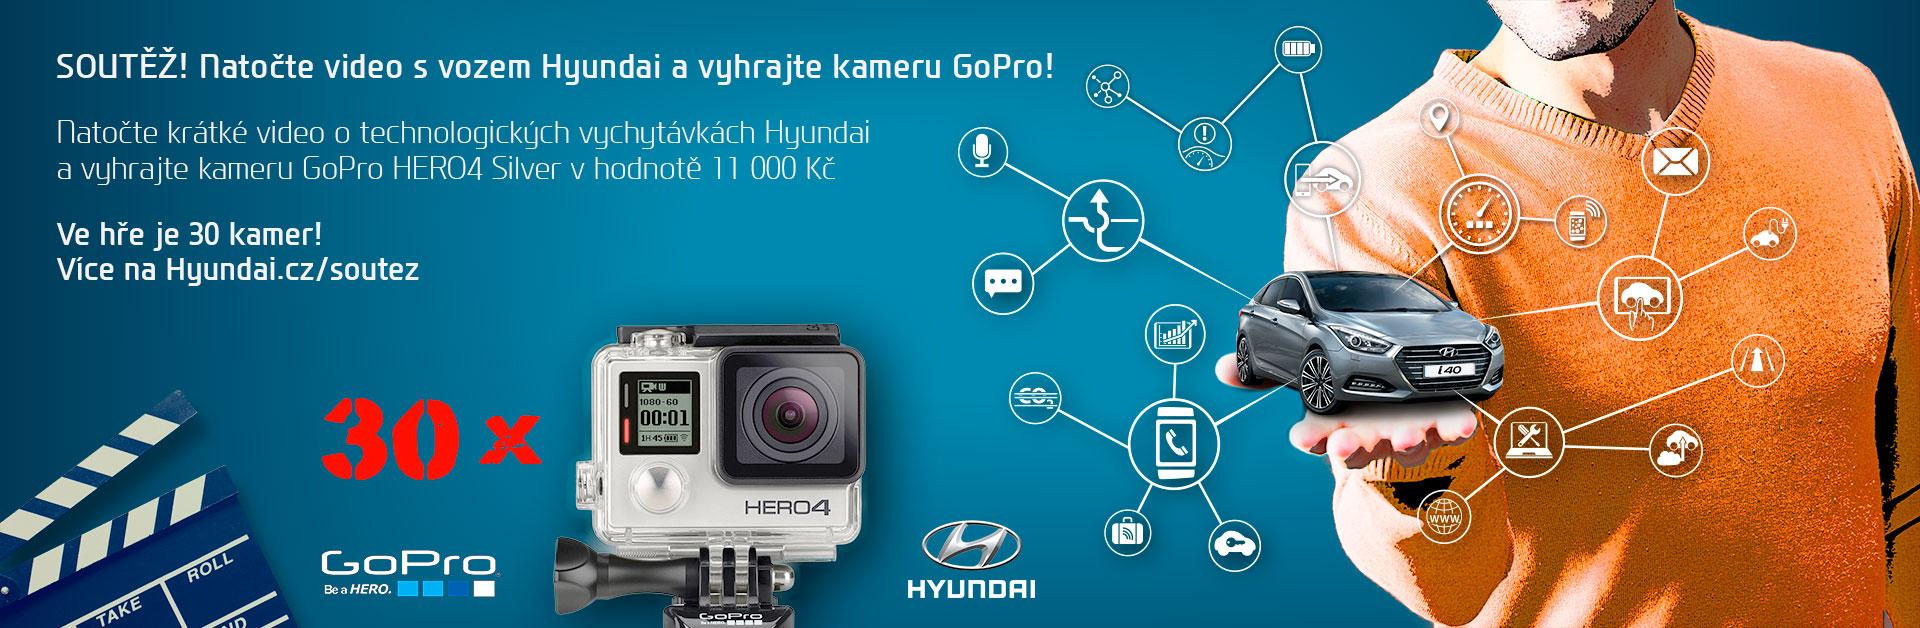 Natočte video s vozem Hyundai a vyhrajte kameru GoPro!